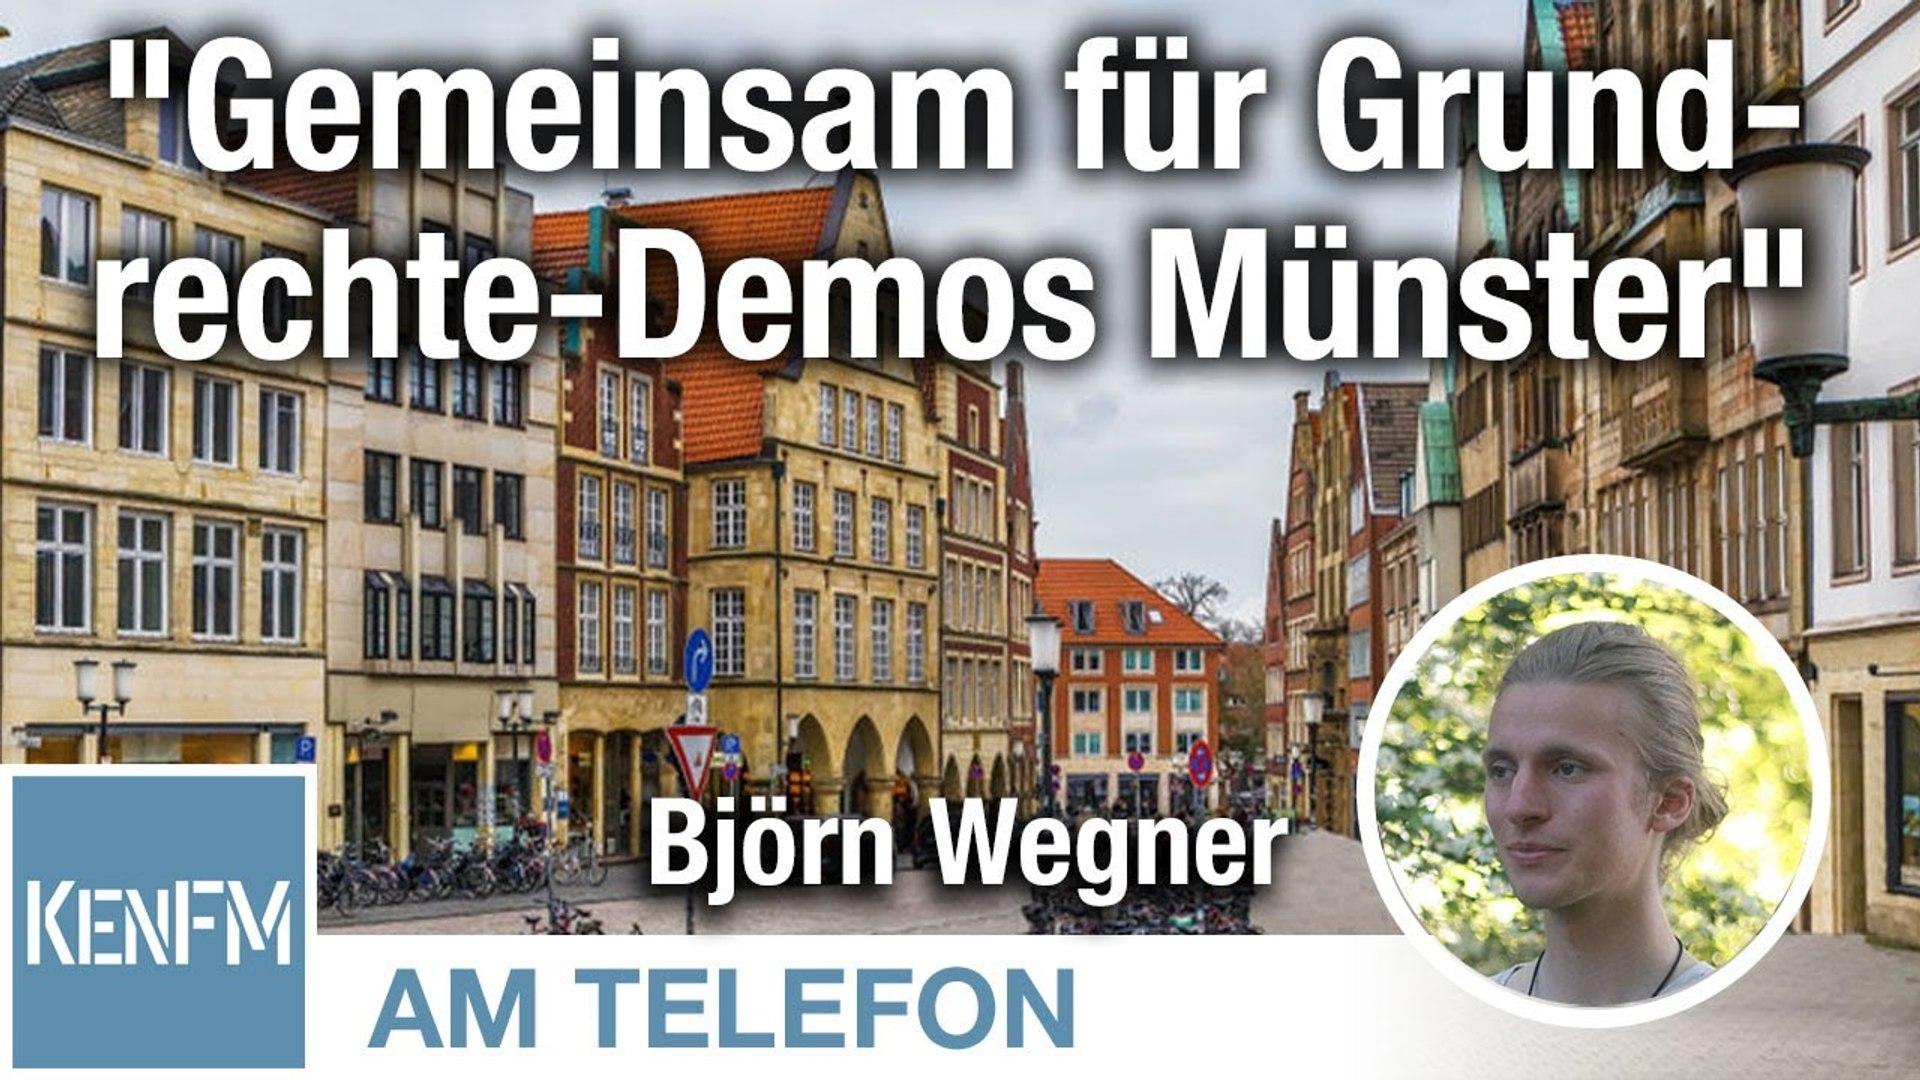 """Am Telefon zu """"Gemeinsam für Grundrechte-Demos Münster"""": Björn Wegner"""